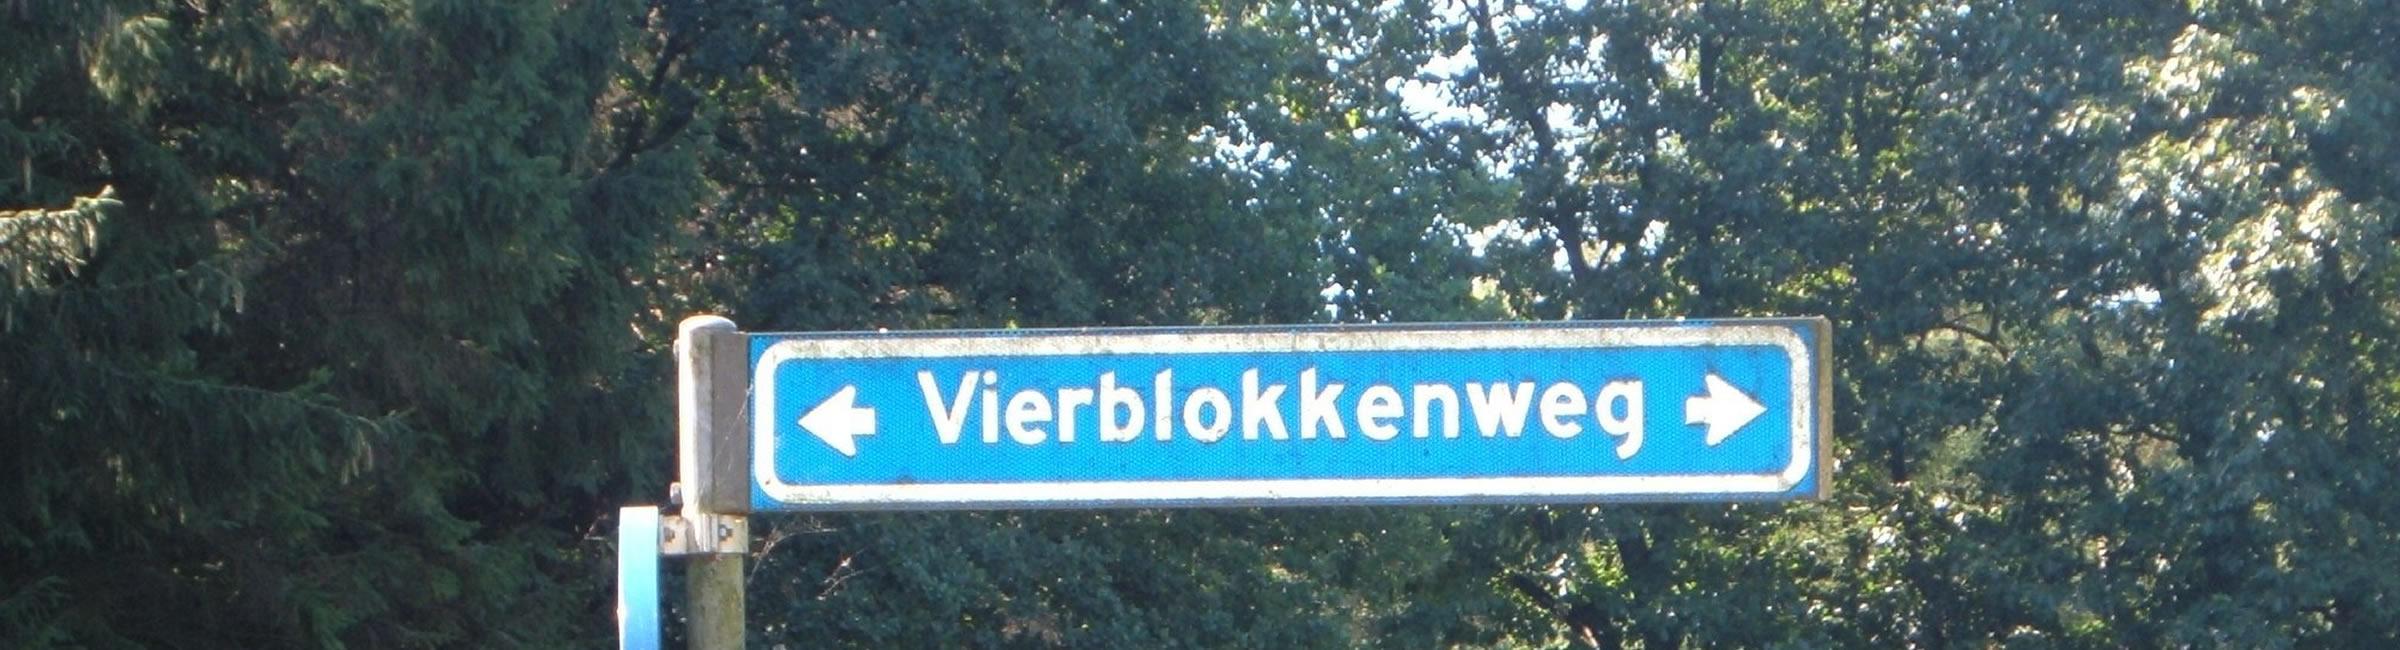 gelderland-groepsaccommodatie.jpg